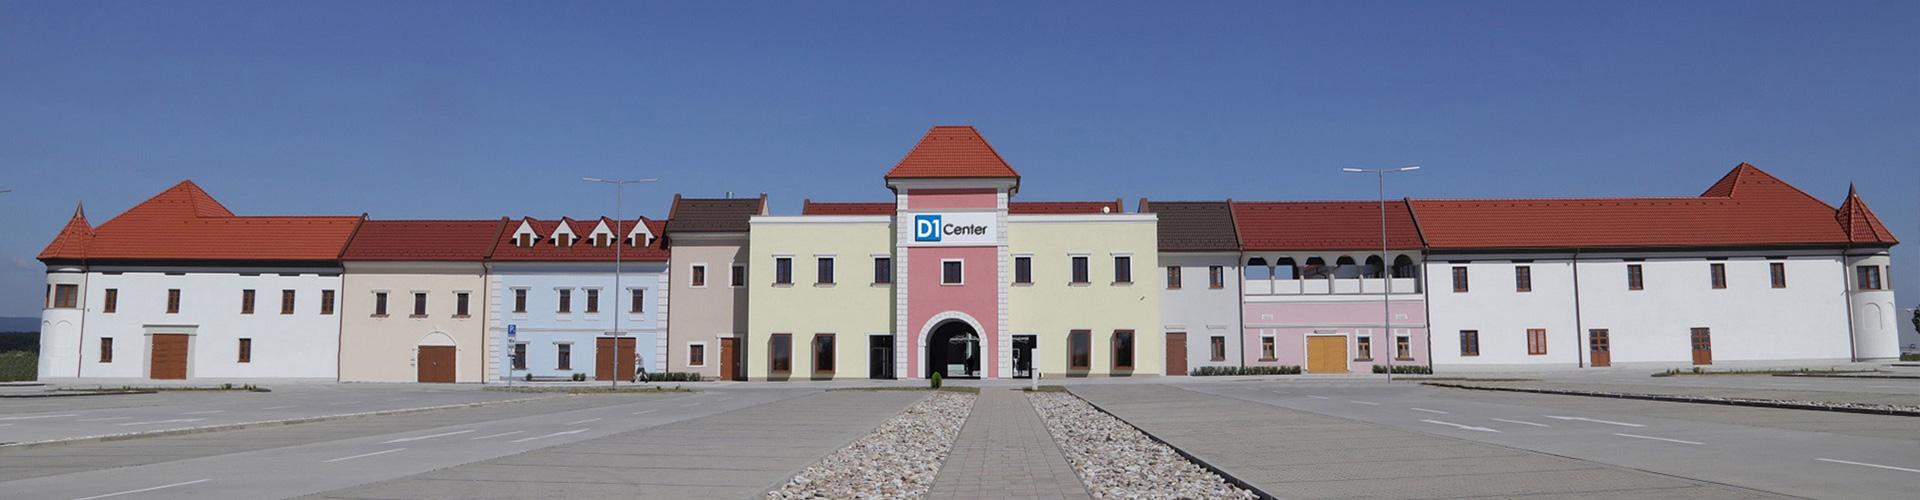 Nákupné centrum - Obchodné priestory na prenájom | D1 center eu